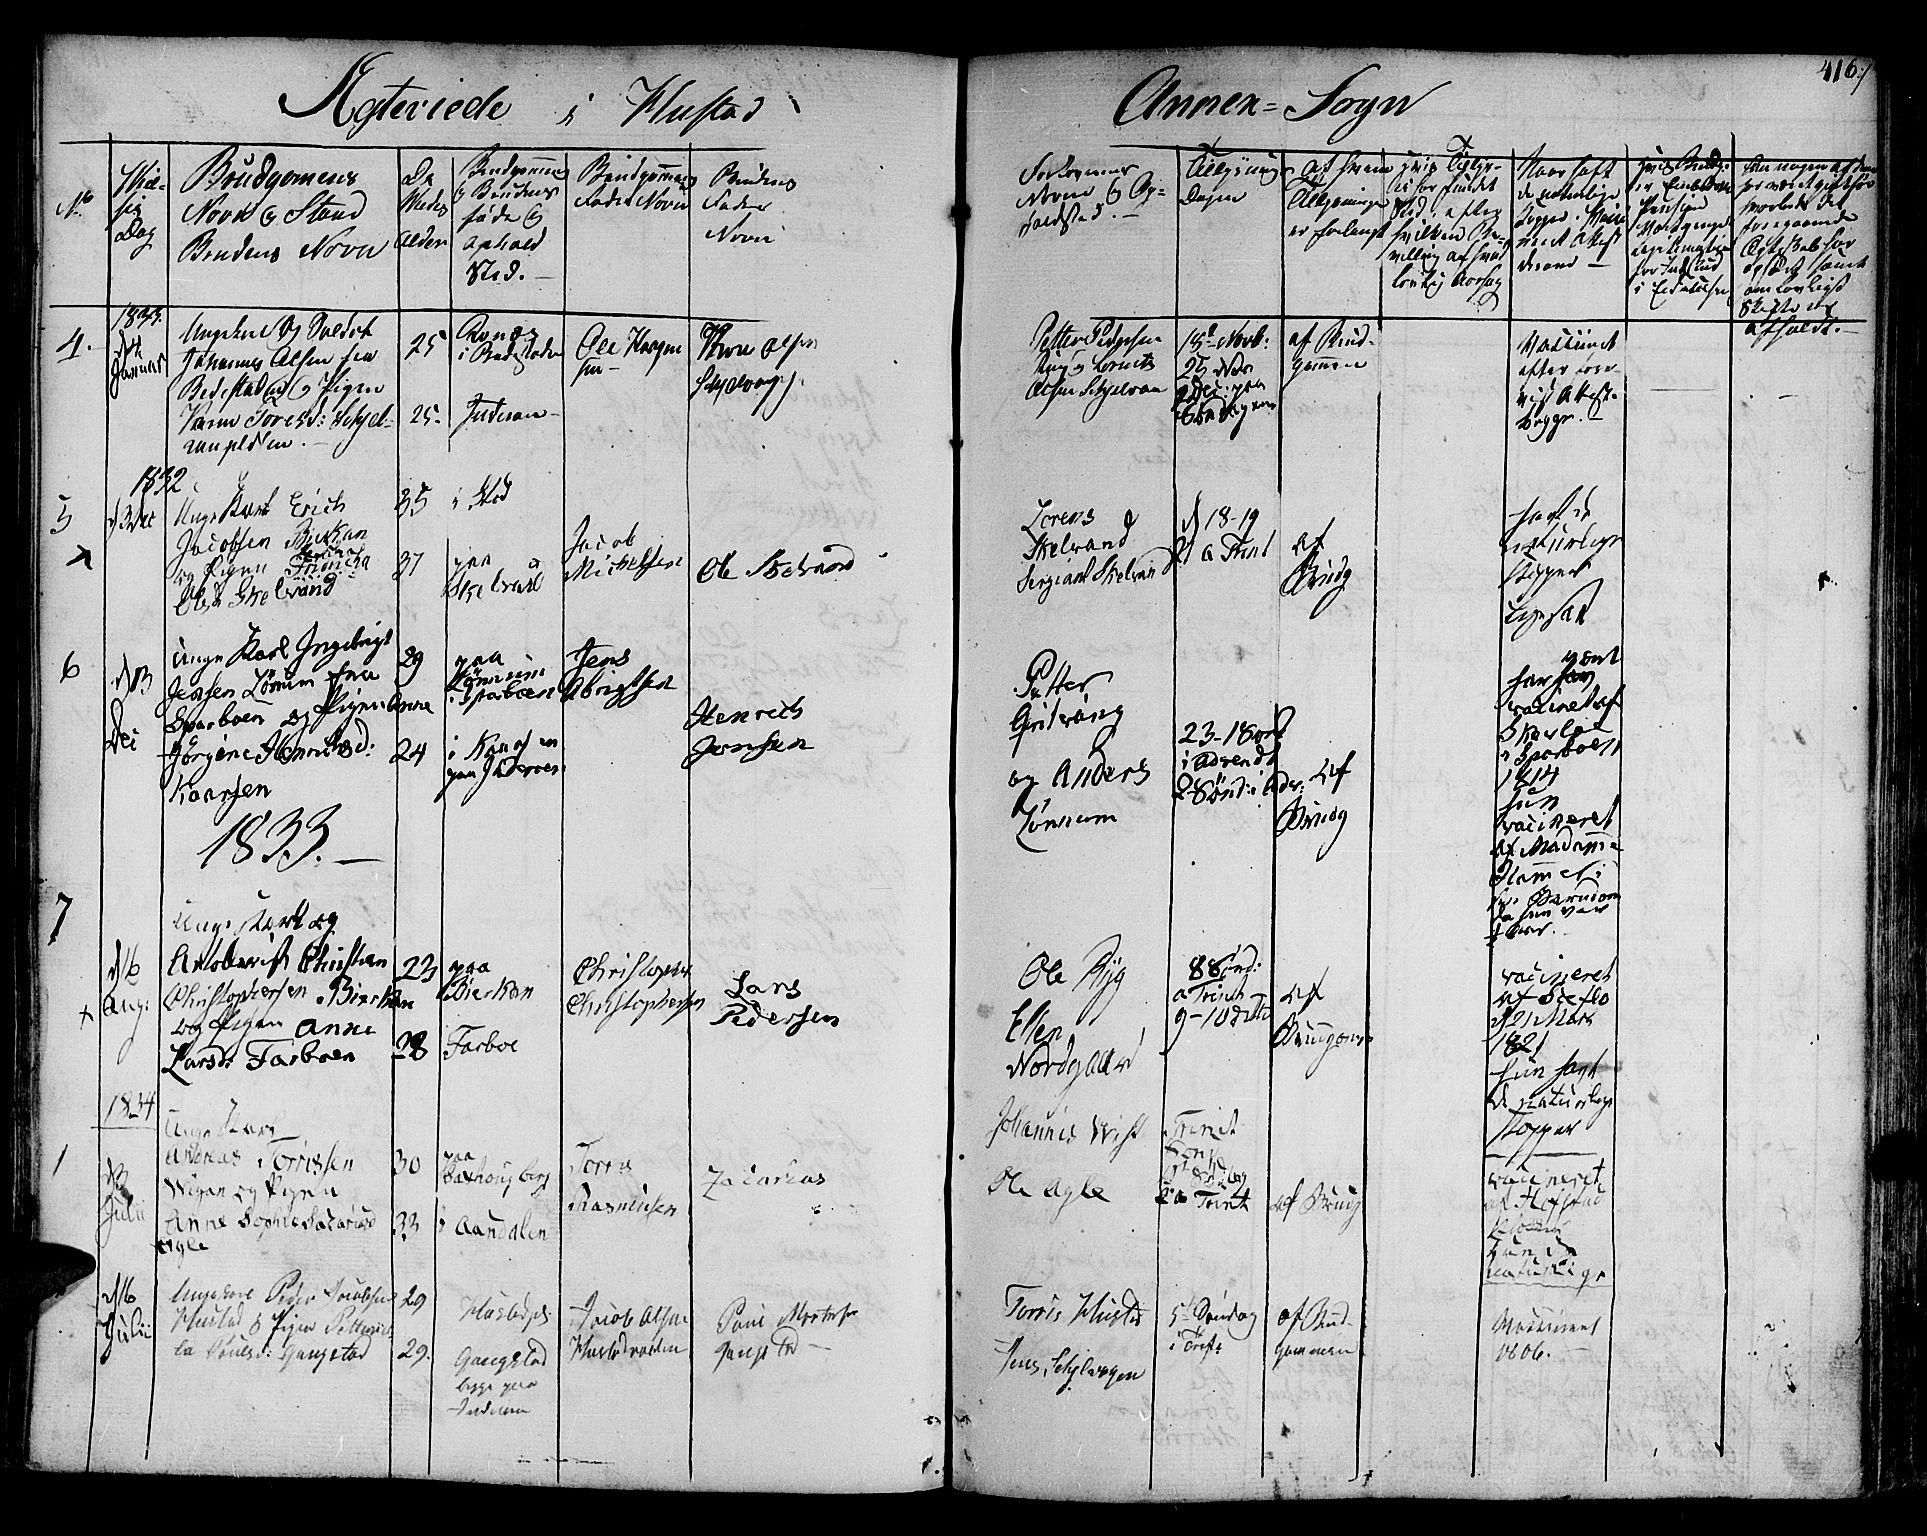 SAT, Ministerialprotokoller, klokkerbøker og fødselsregistre - Nord-Trøndelag, 730/L0277: Ministerialbok nr. 730A06 /3, 1830-1839, s. 416